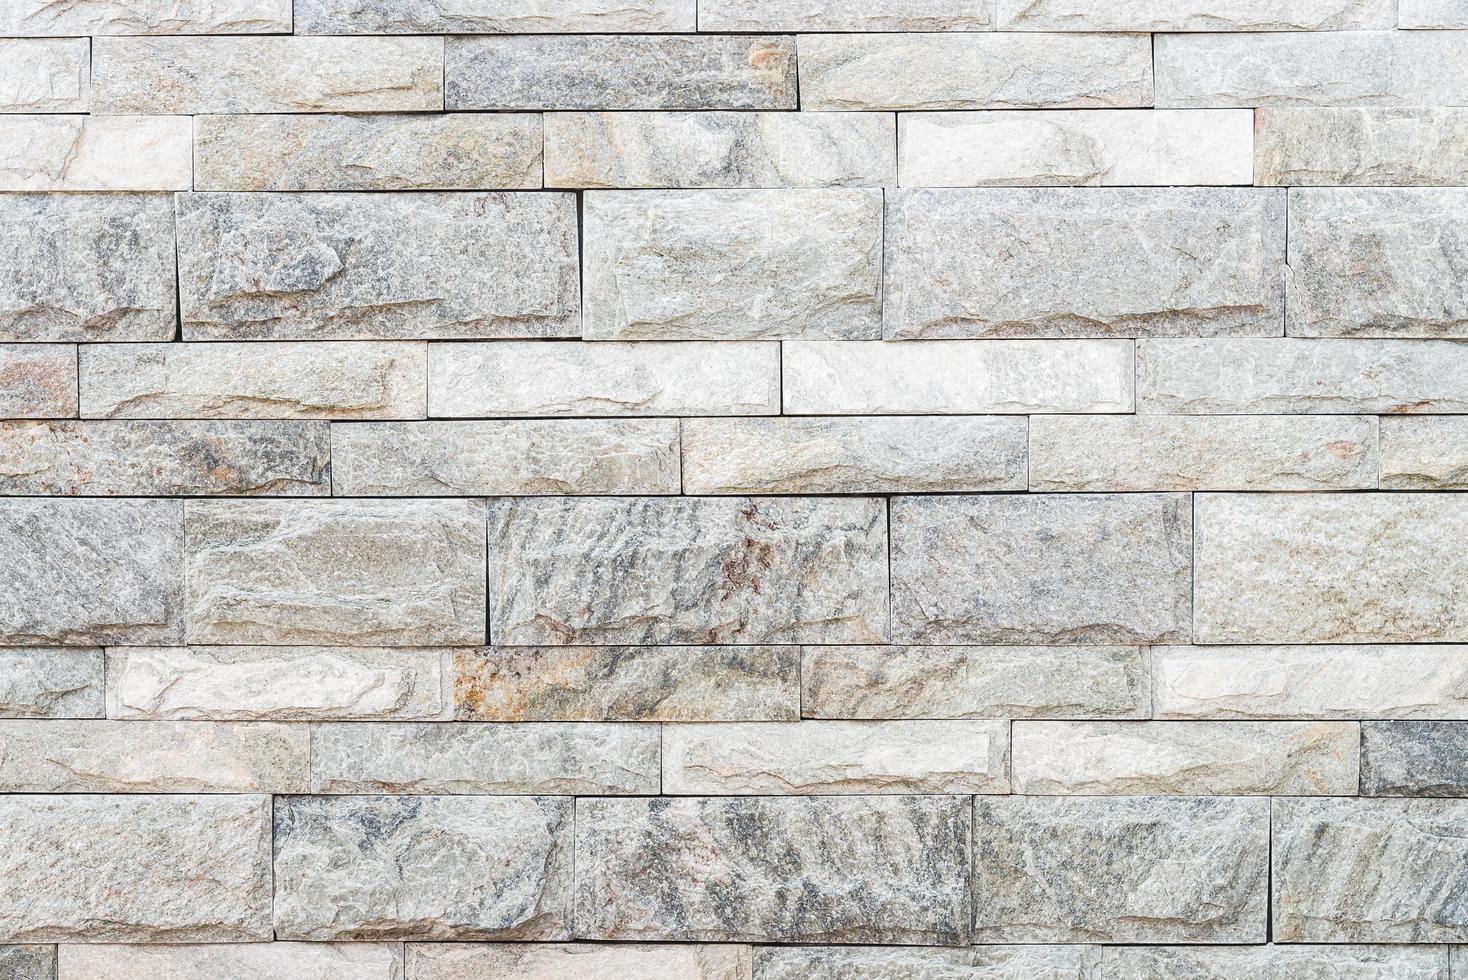 Backsteinmauer Texturen Hintergrund foto